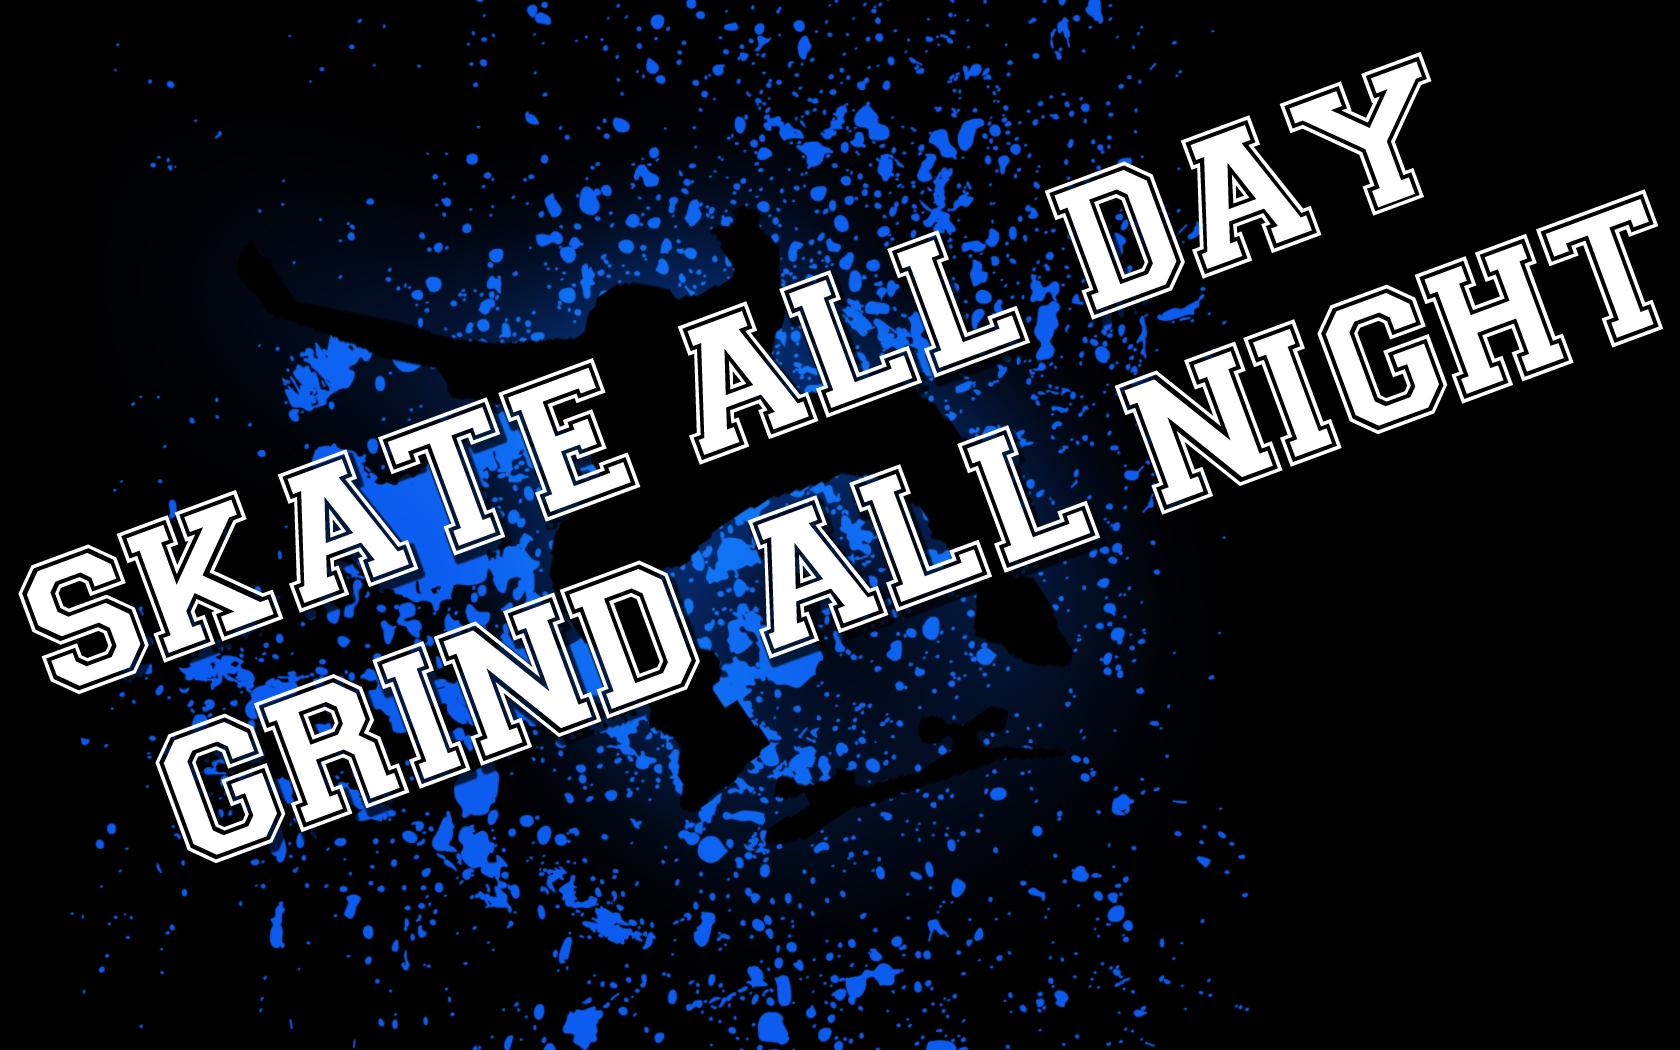 Skate Backgrounds Desktop Image 1680x1050